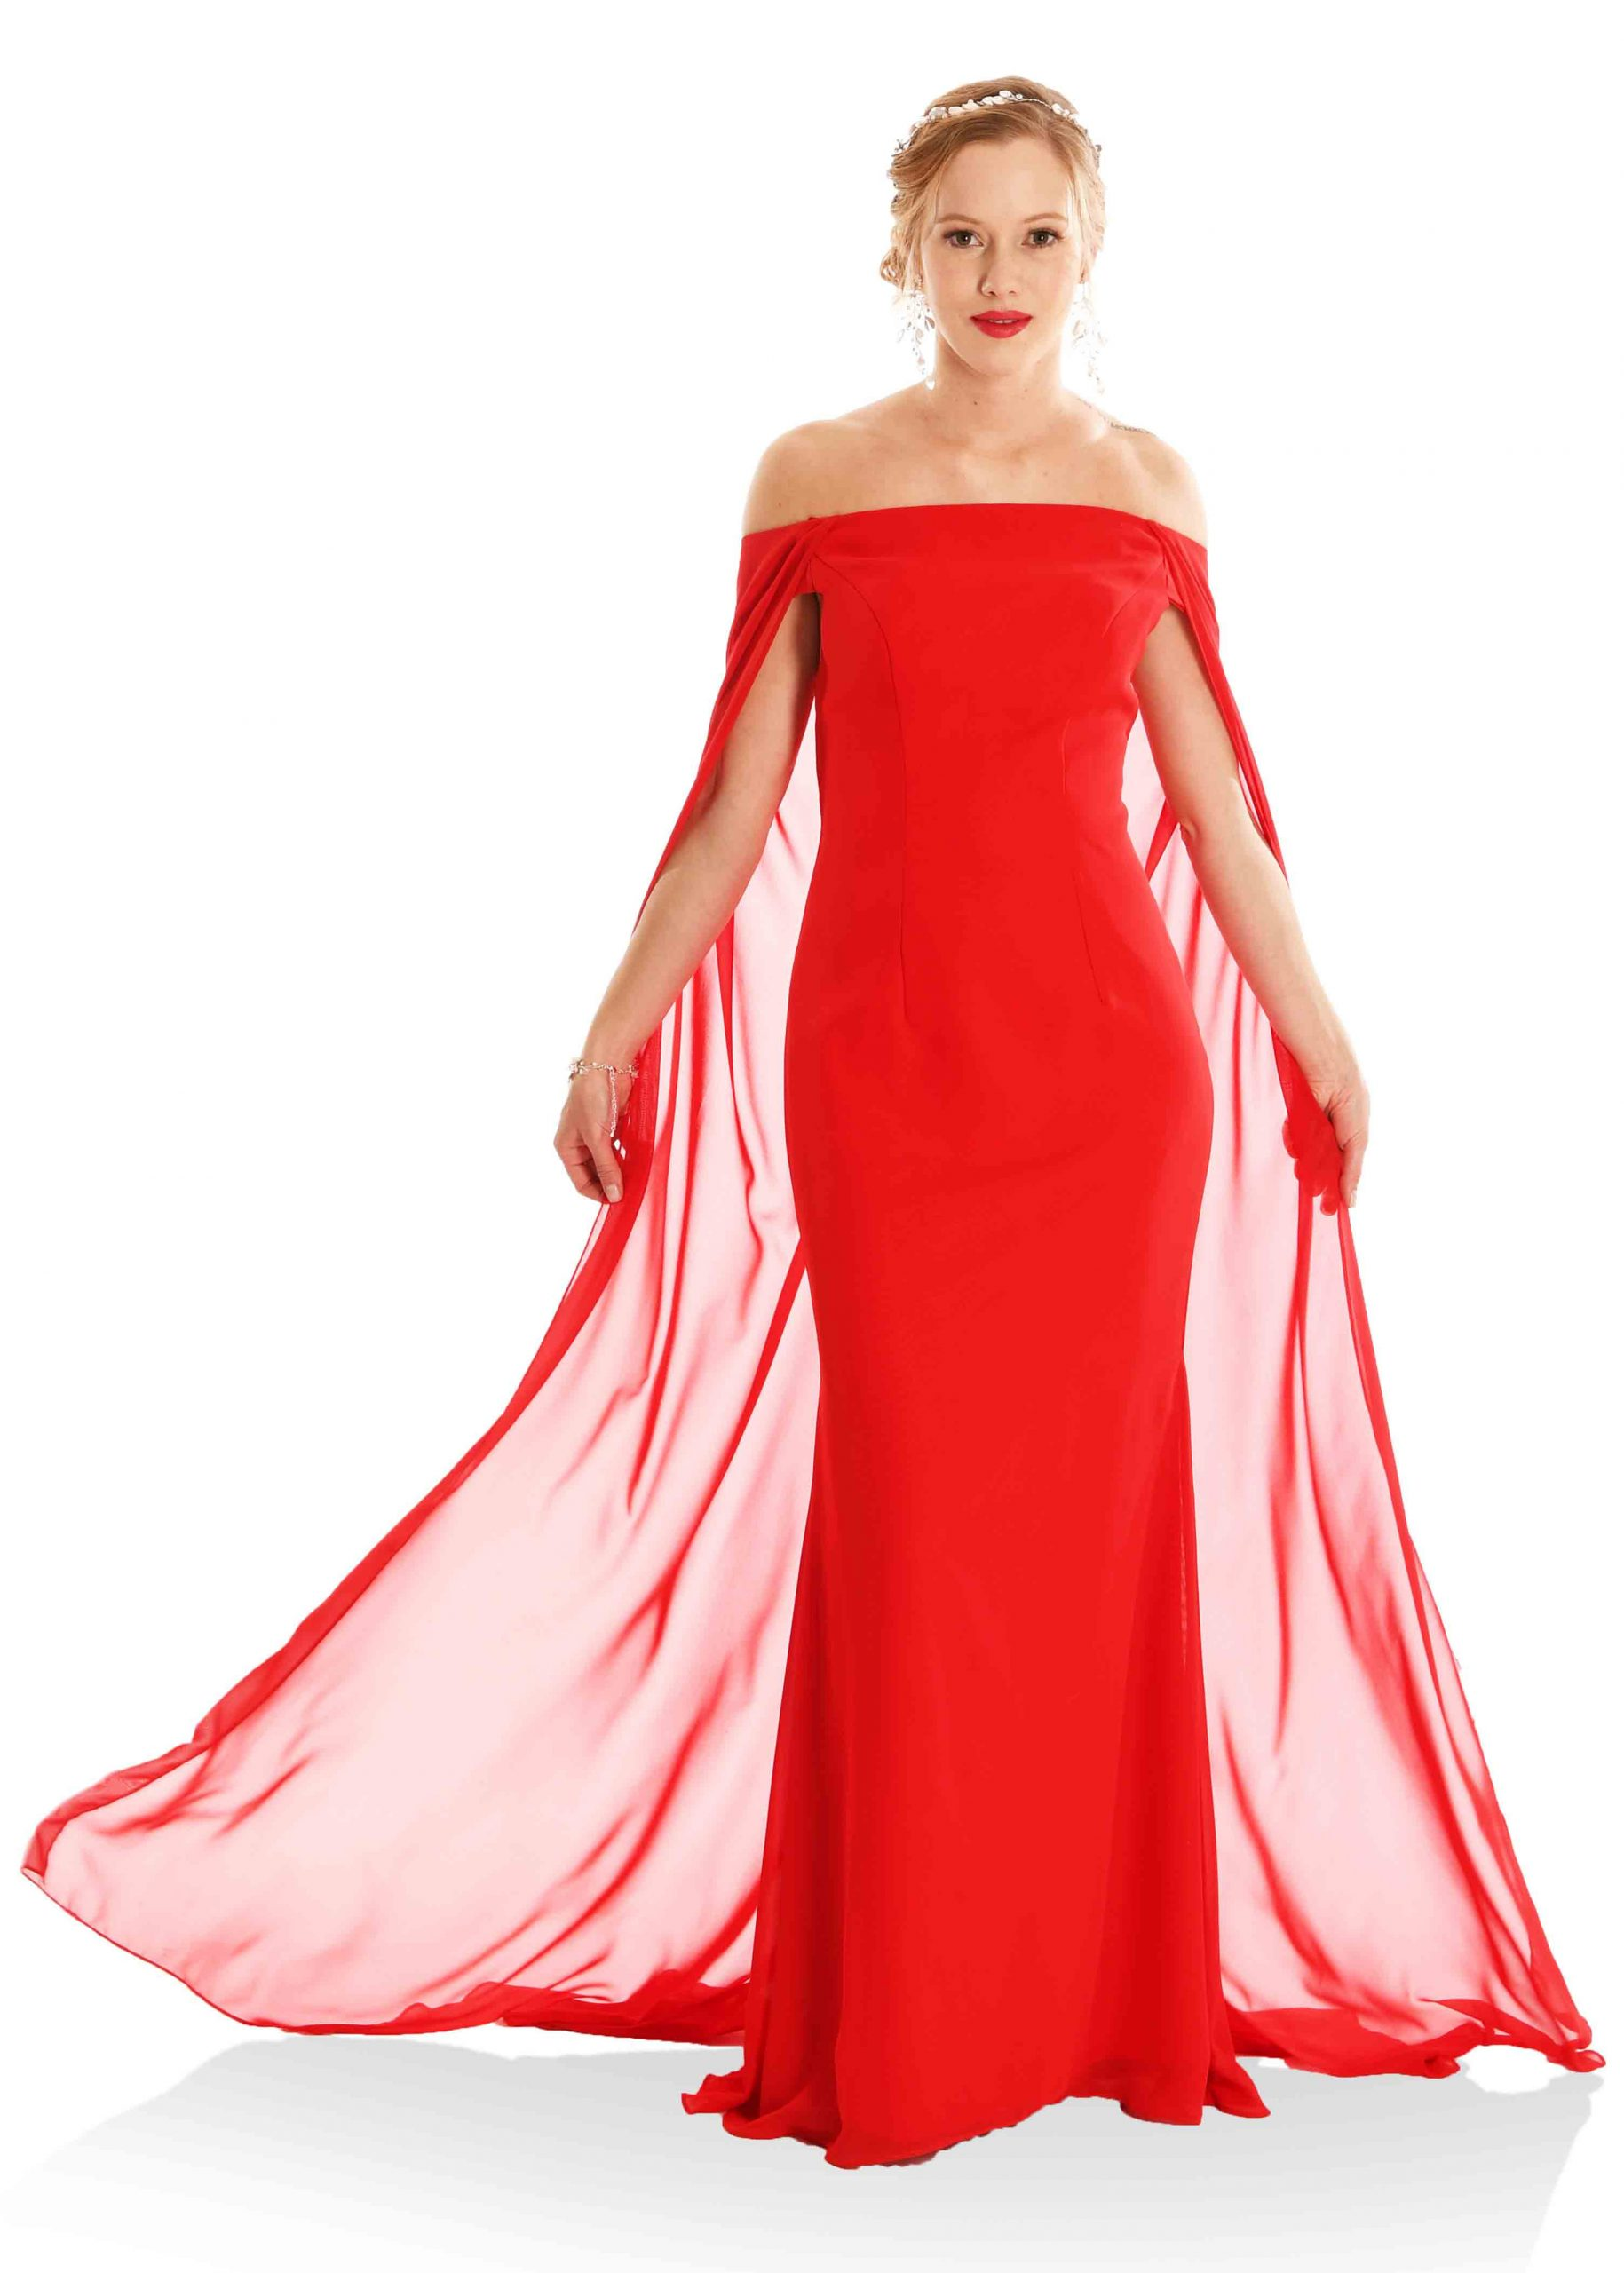 Abend Wunderbar Abend Kleider Für Frauen Galerie15 Elegant Abend Kleider Für Frauen Stylish